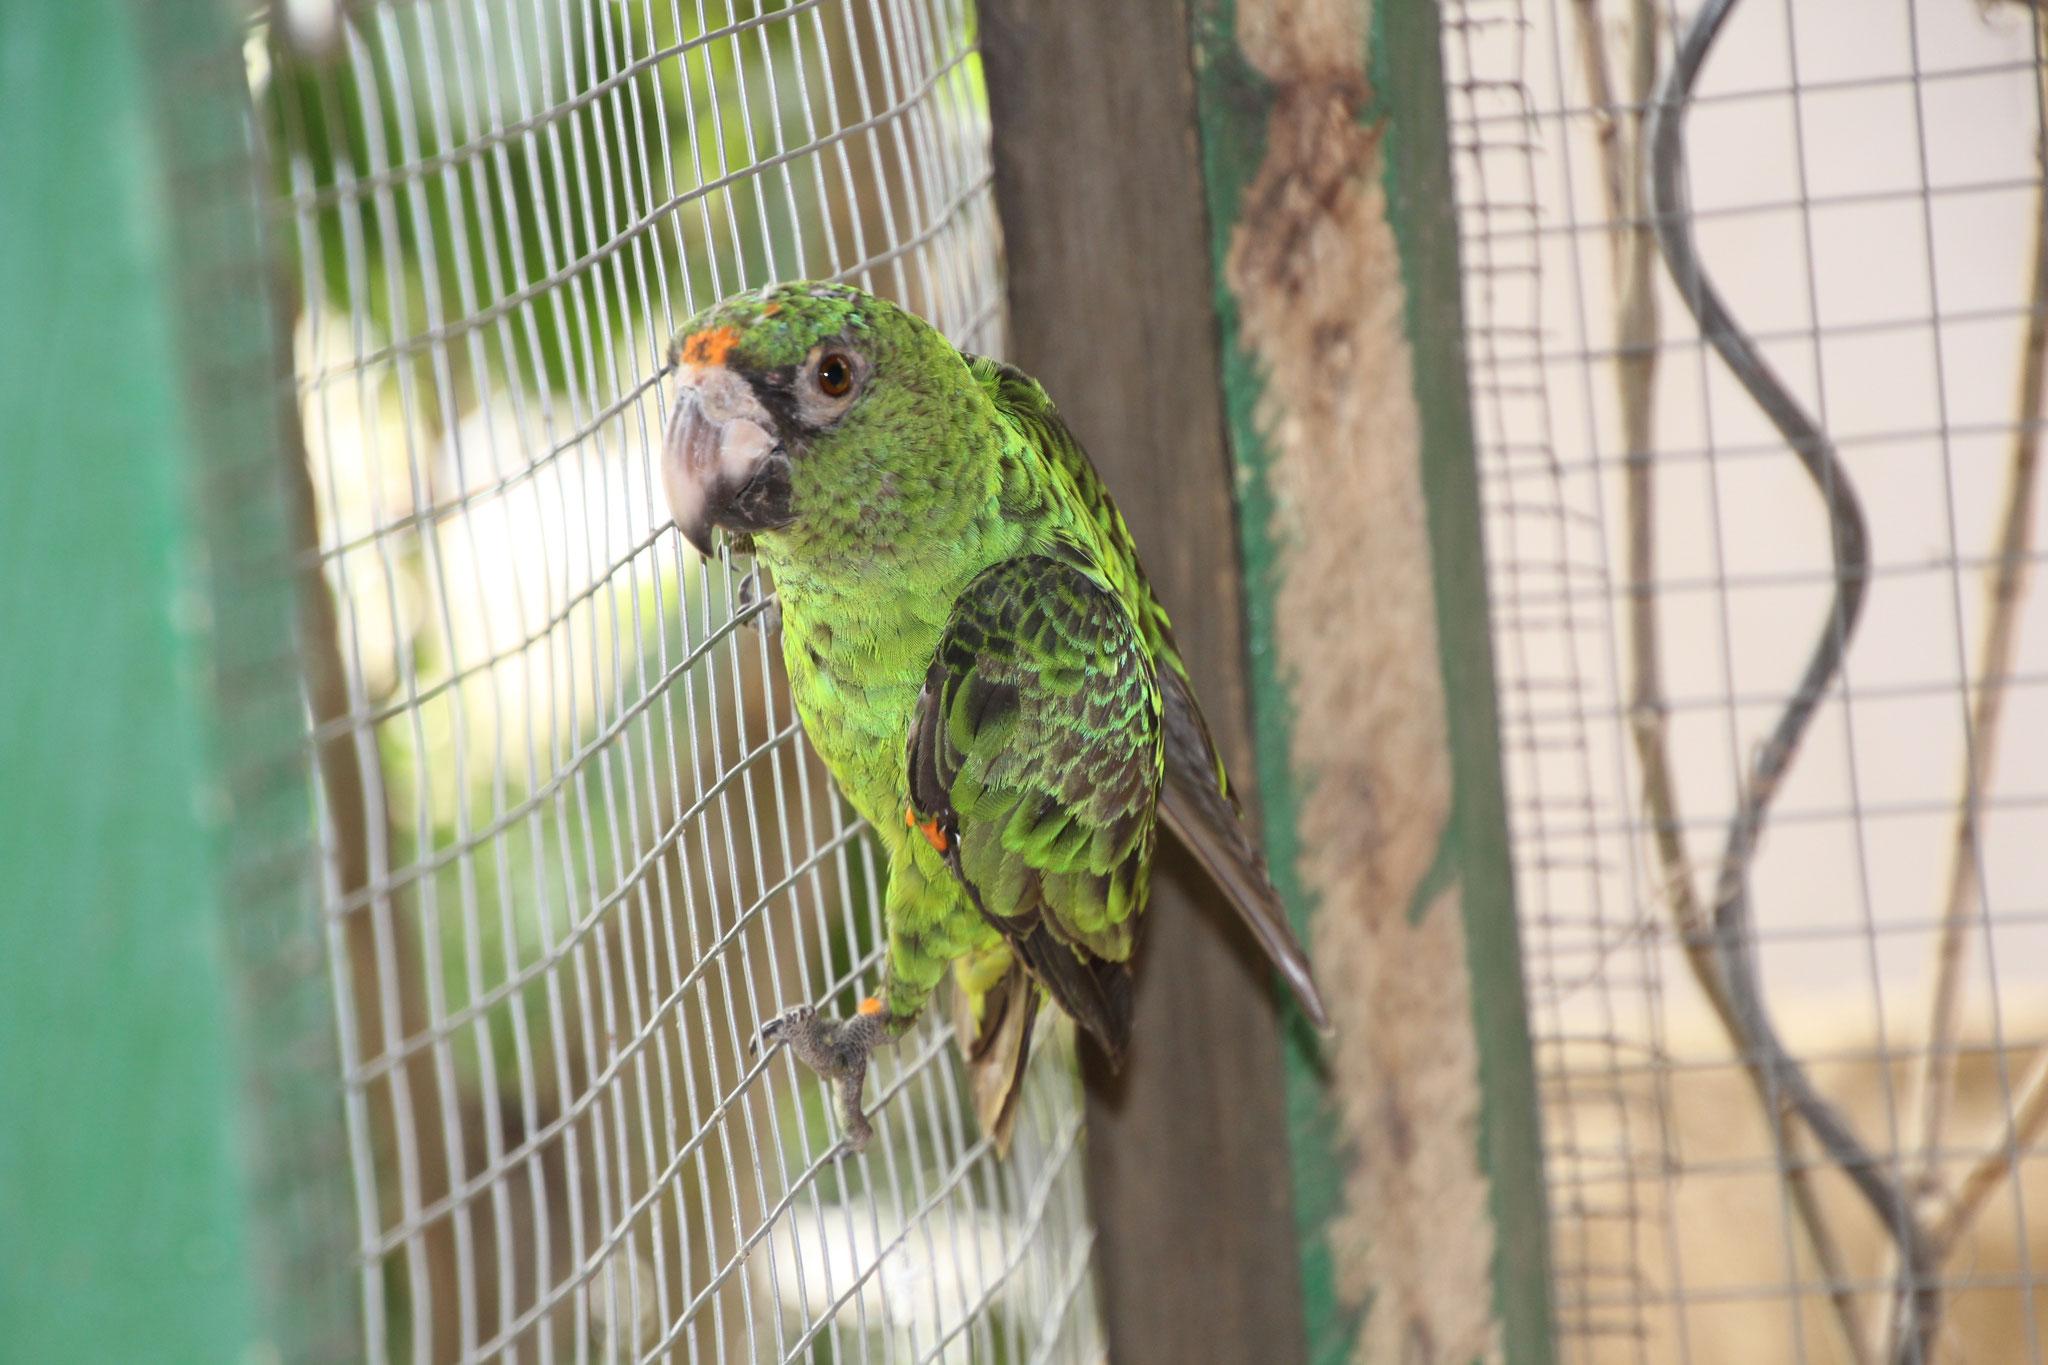 Neu in der Voliere der Papageien Kongopapageien.